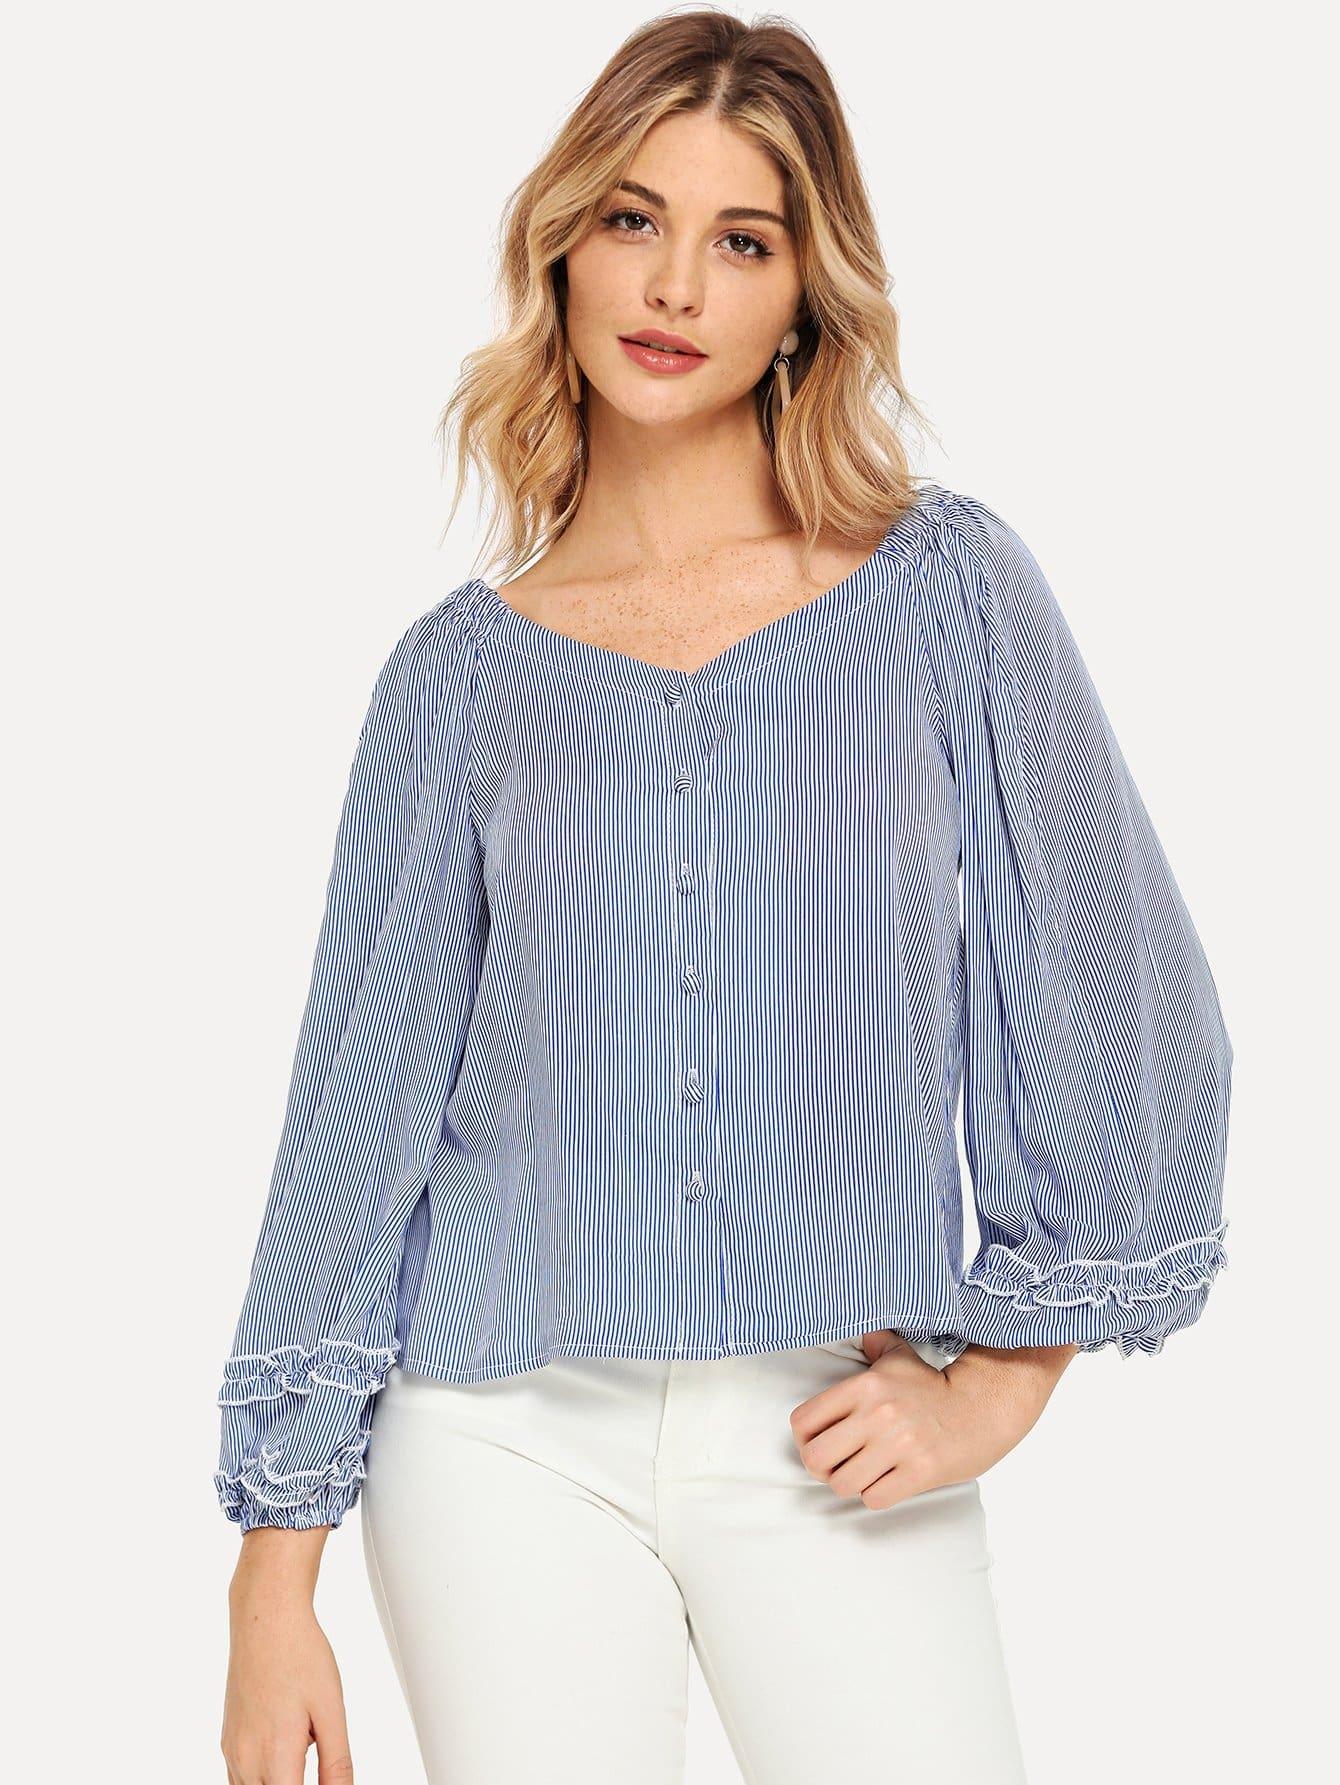 Купить Полосатая блузка на пуговицах с отделкой рюшами, Nathane, SheIn